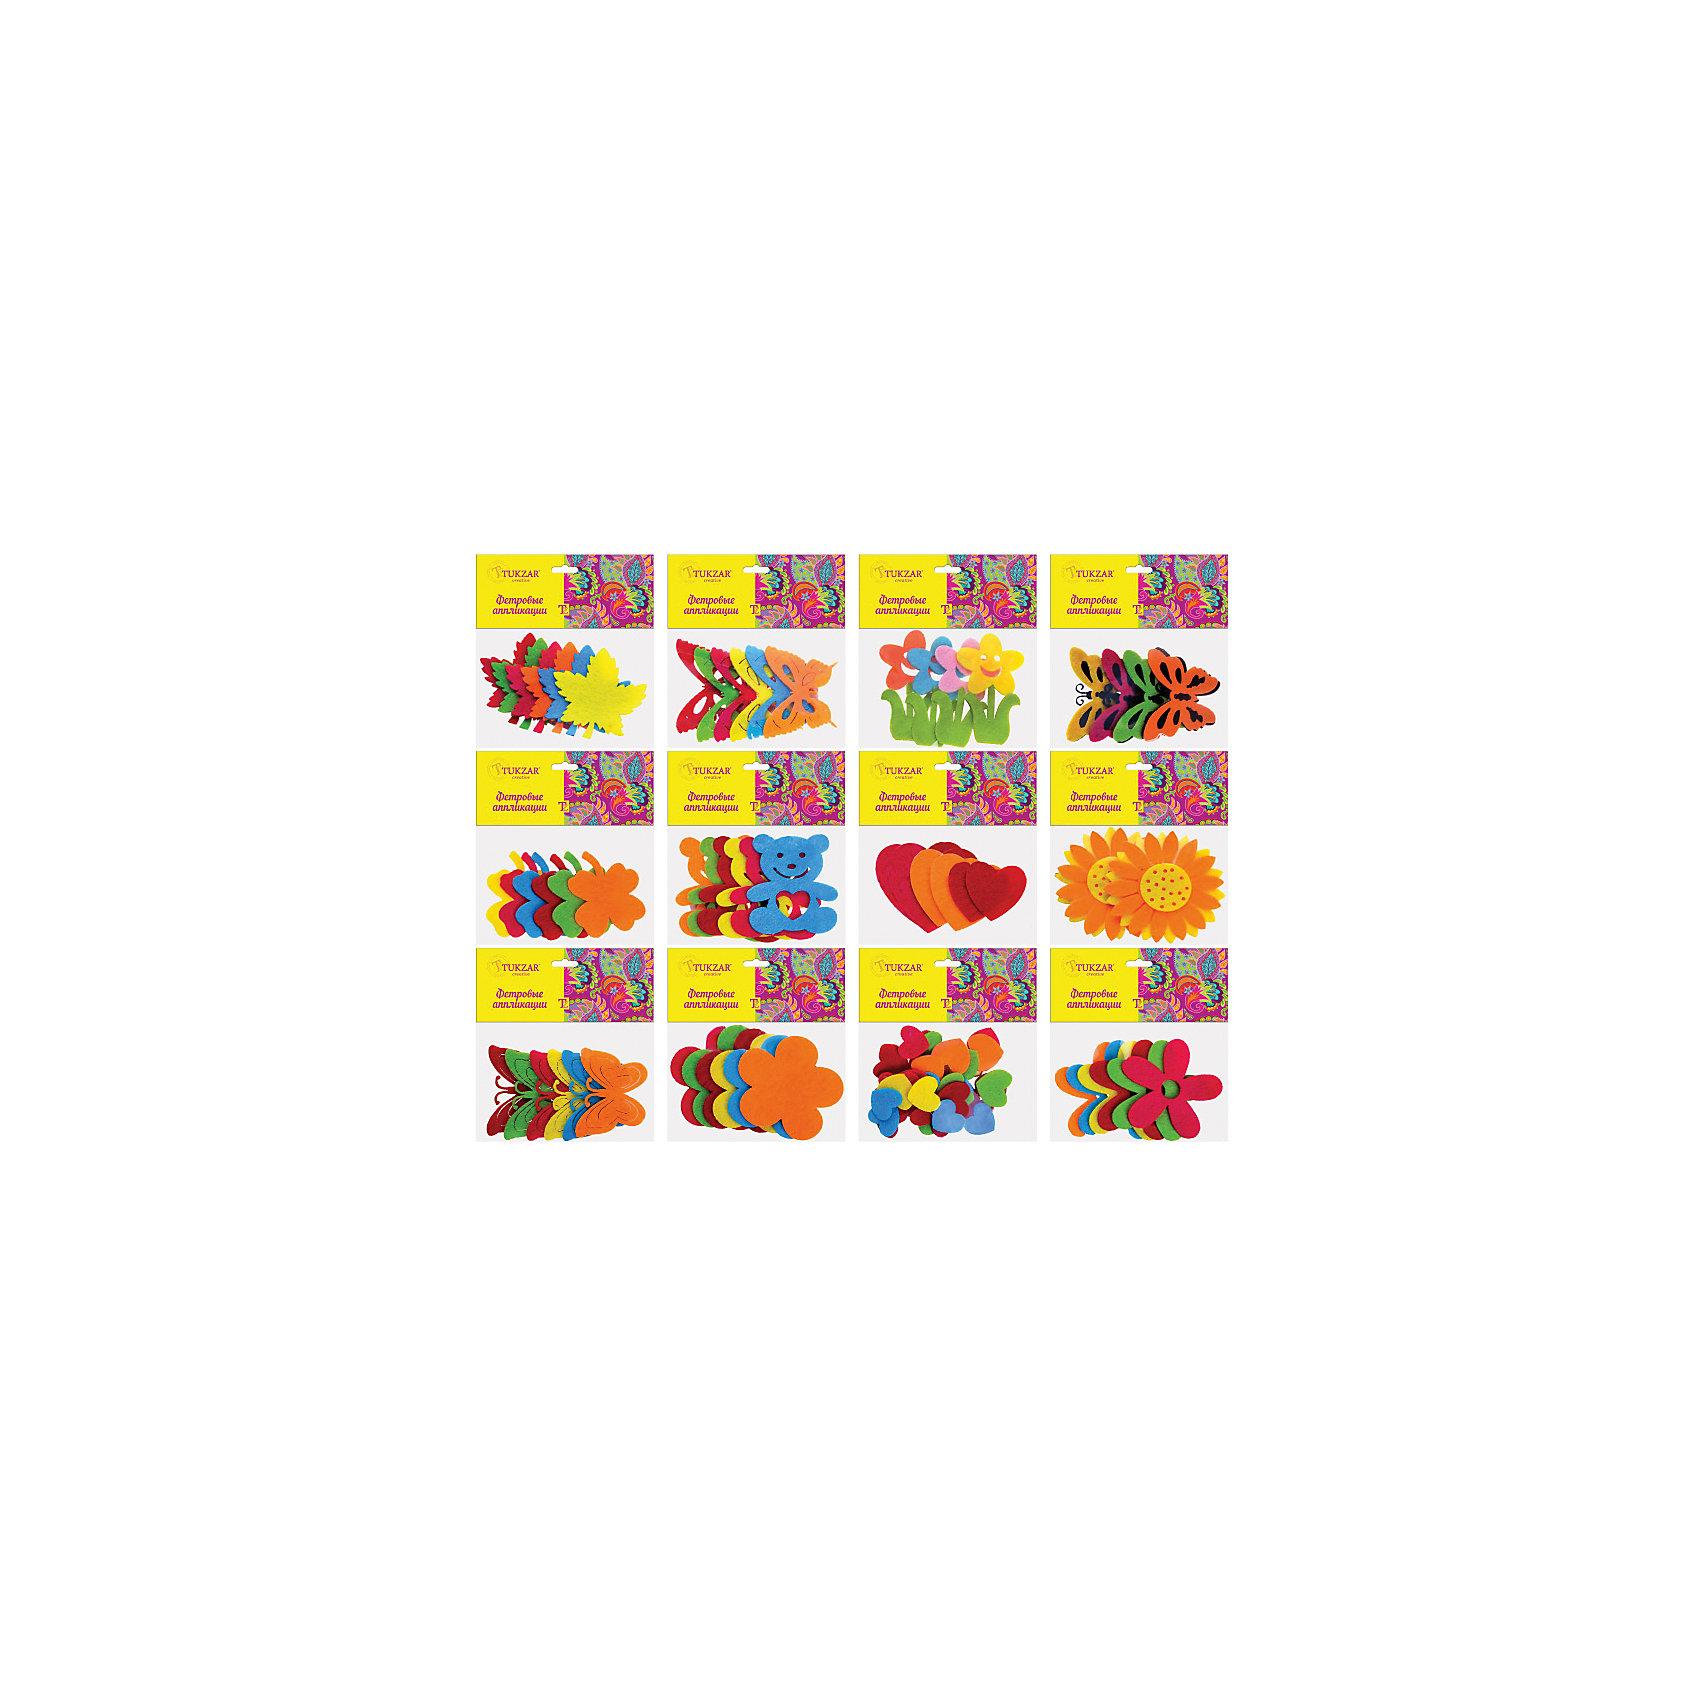 Фетровые аппликации 12*10 см, (12 дизайнов в ассортименте)Фетровые аппликации 12*10 см (12 дизайнов в ассортименте) от известного торгового бренда канцелярских товаров и товаров для творчества TUKZAR. Набор включает в себя разноцветные заготовки животных, растений и других предметов для занятий аппликацией с детьми дошкольного и младшего школьного возраста. Комплектация позволяет создавать сюжетные картинки. Кроме того, данные заготовки можно использовать в качестве меток для детской одежды.<br>Фетровые аппликации 12*10 см (12 дизайнов в ассортименте) способствуют развитию у ребенка внимания, усидчивости, воображения и фантазии.<br><br>Дополнительная информация:<br><br>- Предназначение: для аппликаций<br>- Материал: фетр<br>- Комплектация: 12 дизайнов (бабочки, цветочки, сердечки, кленовые листики, медвежата)<br>- Размеры упаковки (Д*В): 10*12 см<br>- Упаковка: полиэтилен<br><br>Подробнее:<br><br>• Для детей в возрасте: от 3 лет <br>• Страна производитель: Китай<br>• Торговый бренд: TUKZAR<br><br>Фетровые аппликации 12*10 см (12 дизайнов в ассортименте) можно купить в нашем интернет-магазине.<br><br>Ширина мм: 120<br>Глубина мм: 100<br>Высота мм: 10<br>Вес г: 50<br>Возраст от месяцев: 36<br>Возраст до месяцев: 72<br>Пол: Унисекс<br>Возраст: Детский<br>SKU: 5001417